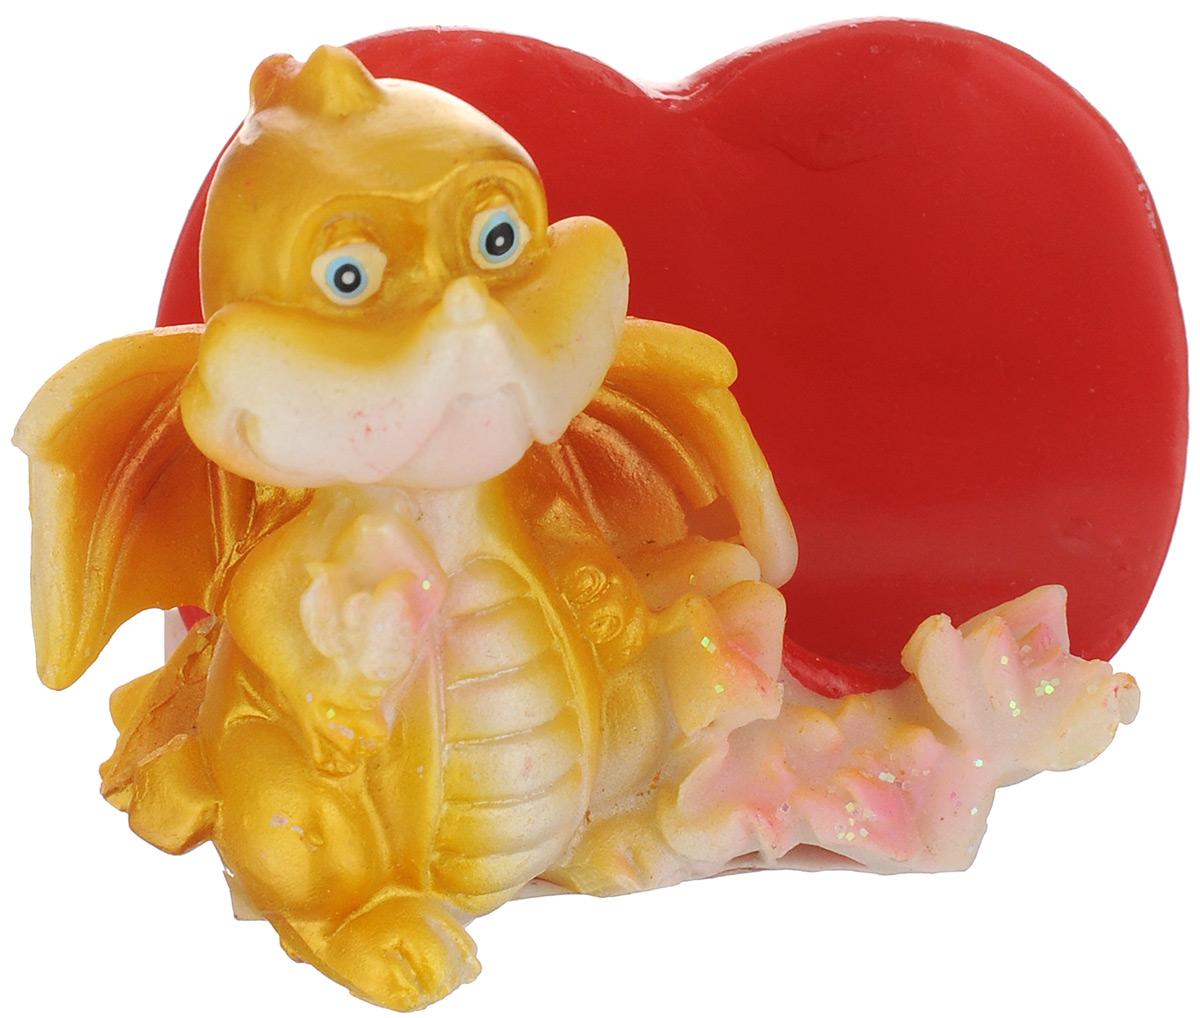 Статуэтка декоративная Lunten Ranta Влюбленный дракончик, с подставкой для визиток60273Очаровательная статуэтка Lunten Ranta Влюбленный дракончик станет оригинальным подарком для всех любителей стильных вещей. Она выполнена из полирезина в виде дракончика и имеет удобную подставку для визиток в виде сердца. Забавный сувенир станет прекрасным дополнением к интерьеру. Вы можете поставить статуэтку в любом месте, где она будет удачно смотреться и радовать глаз. Размер статуэтки: 6,5 х 4,5 х 4,5 см.